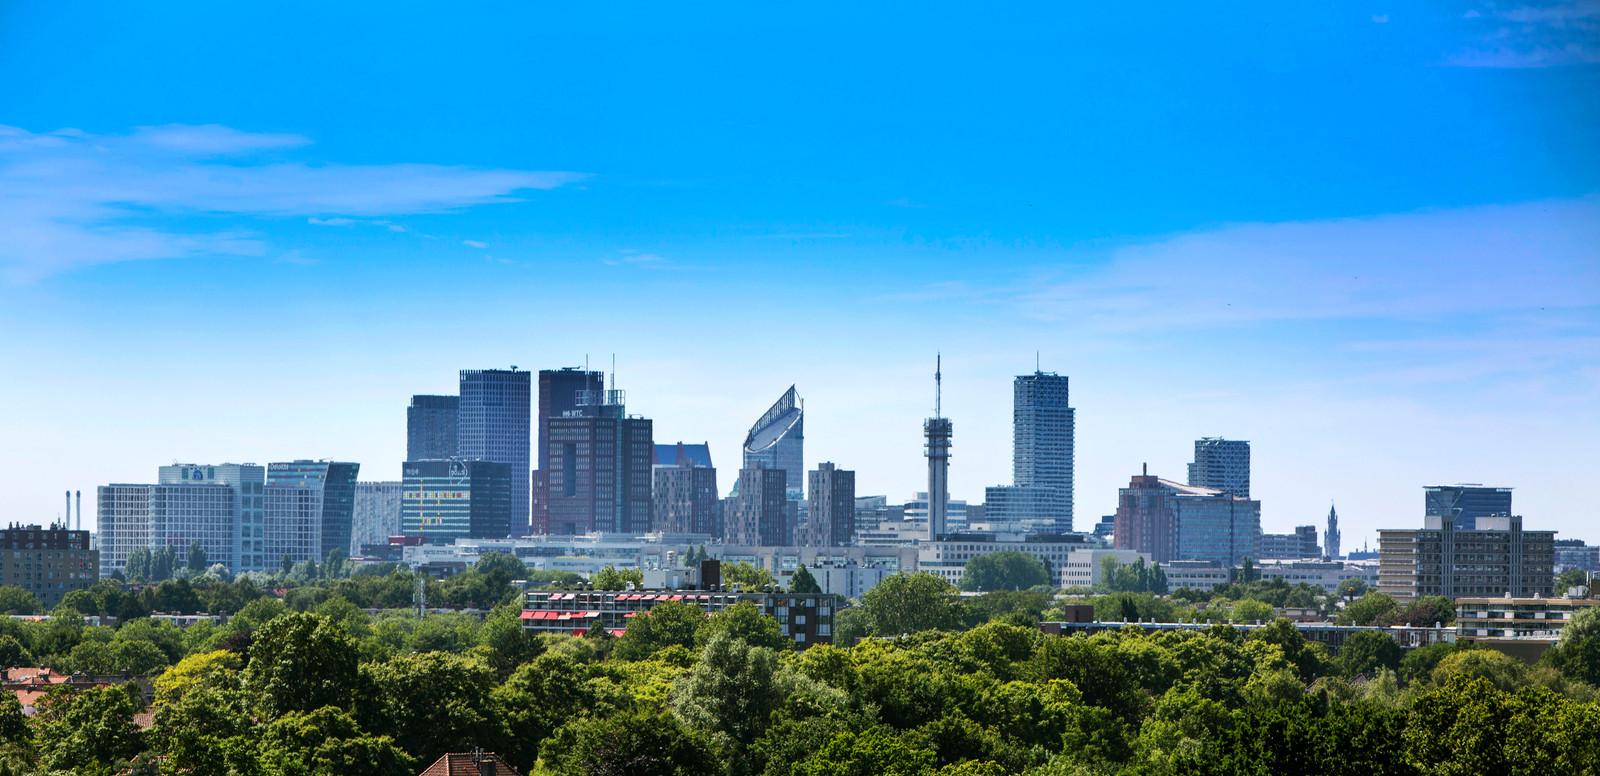 De skyline van Den Haag gezien vanaf Leidschendam.